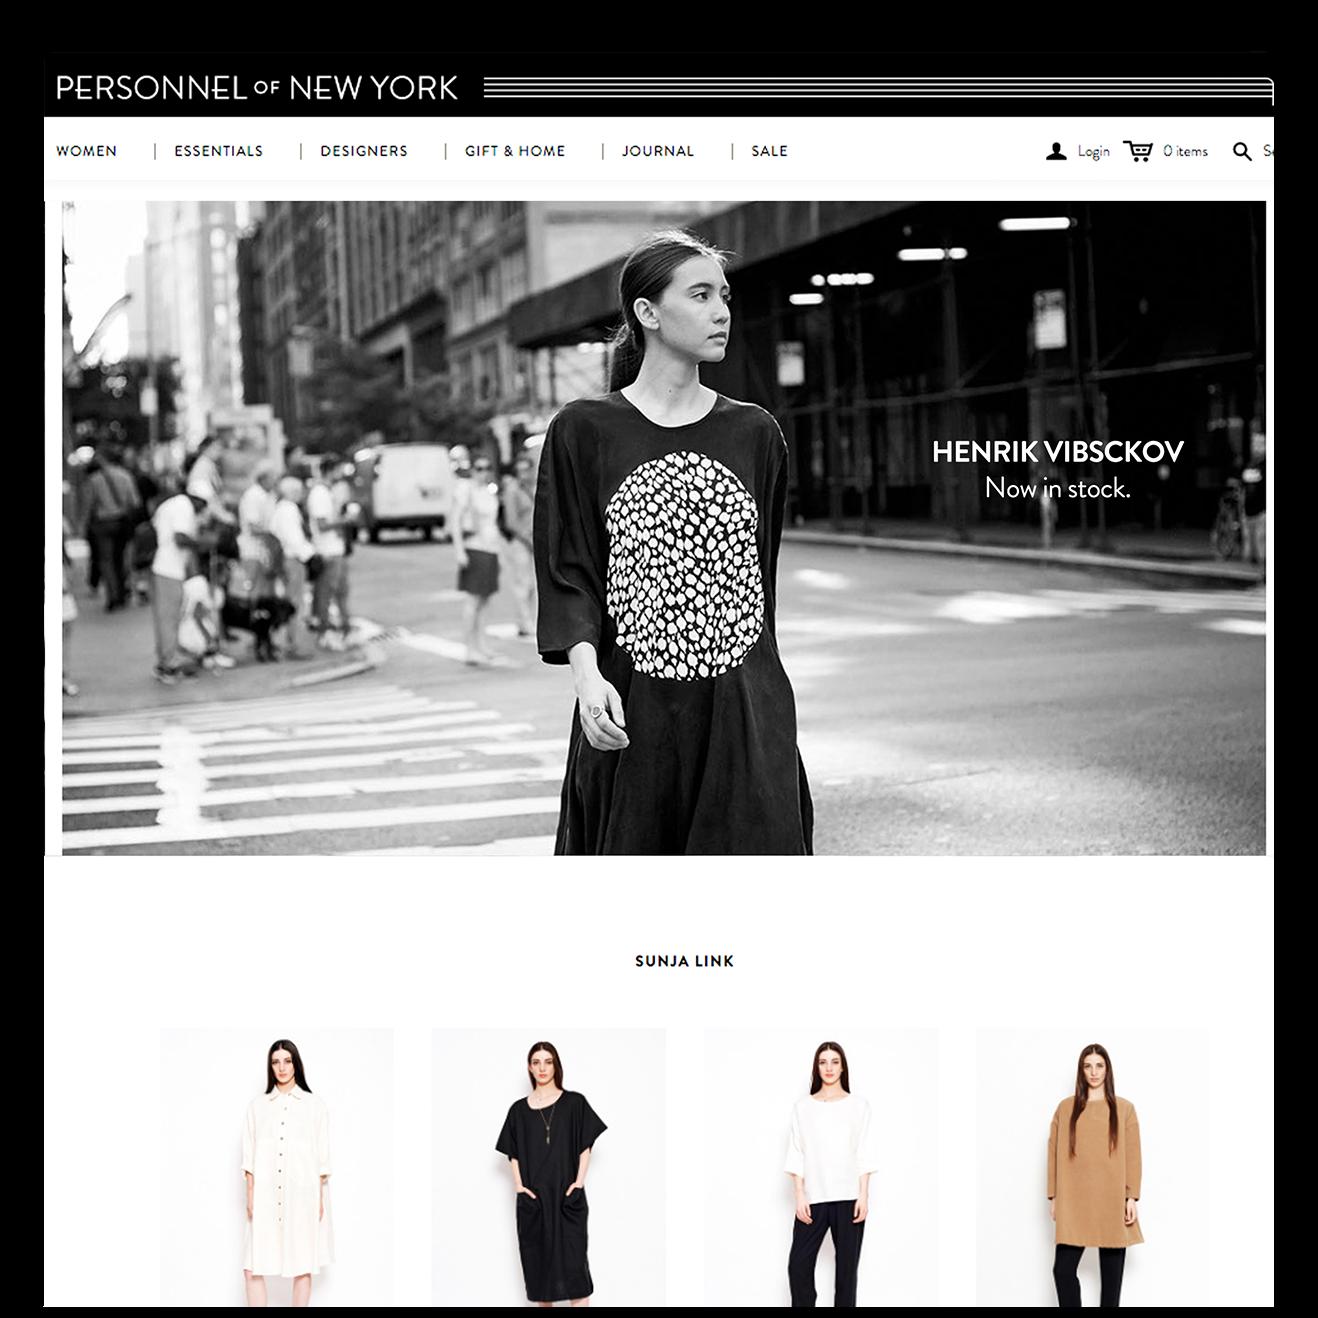 web design_frame_01.png